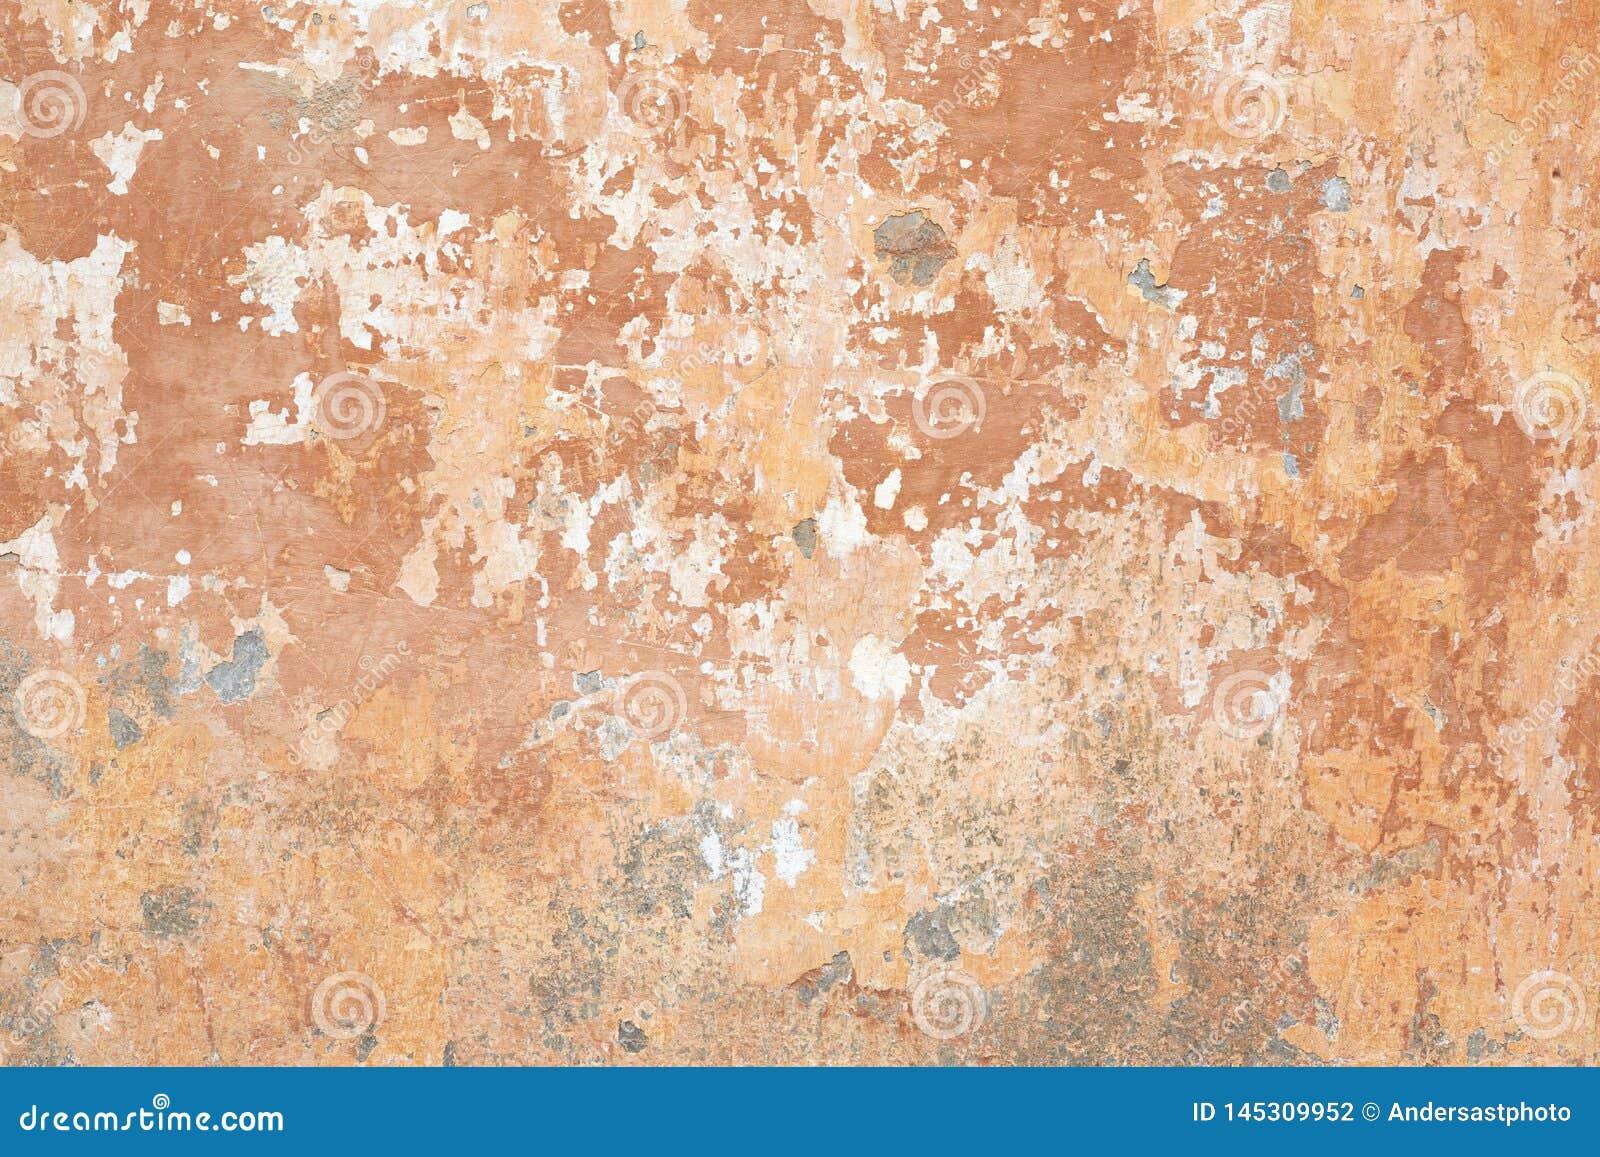 Fundo lascado bege velho da textura da parede em Itália